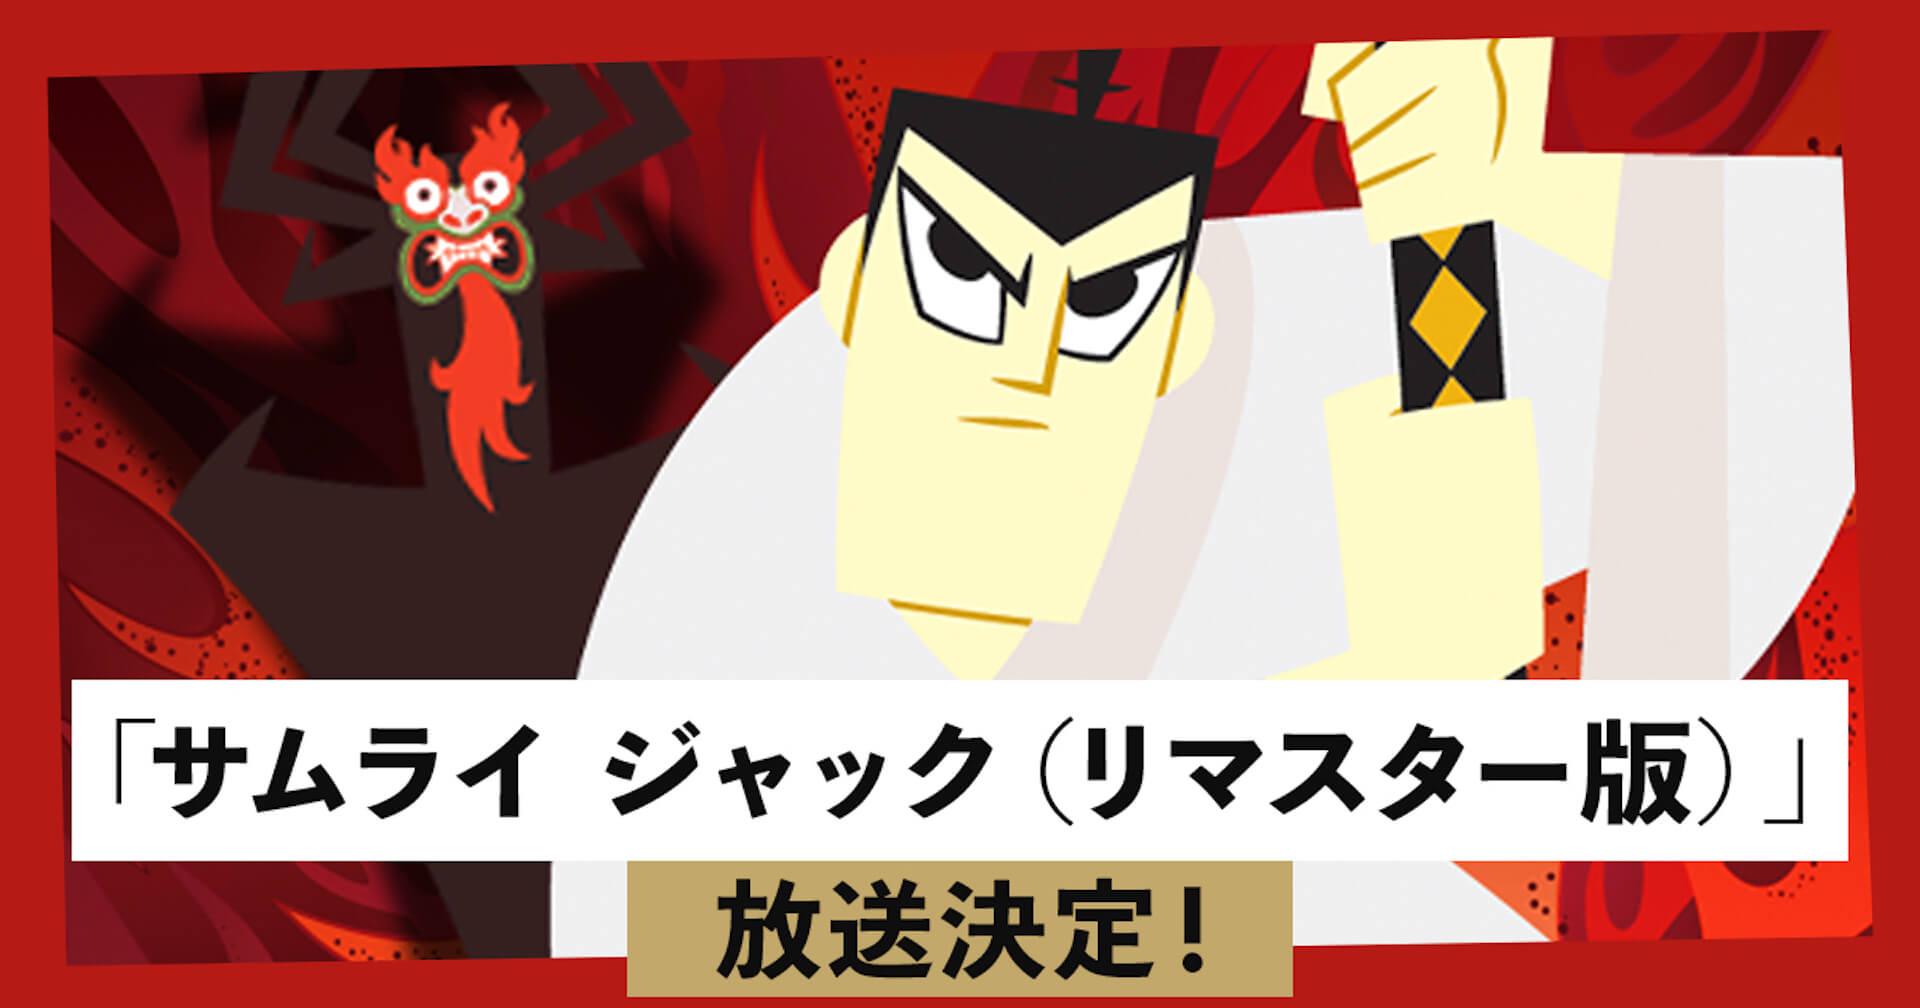 アクションRPG『サムライジャック:時空の戦い』Nintendo Switchダウンロード版の予約受付が開始!アニメ『サムライ ジャック』も特別放送決定 tech201217_samuraijack_zikunotatakai_5